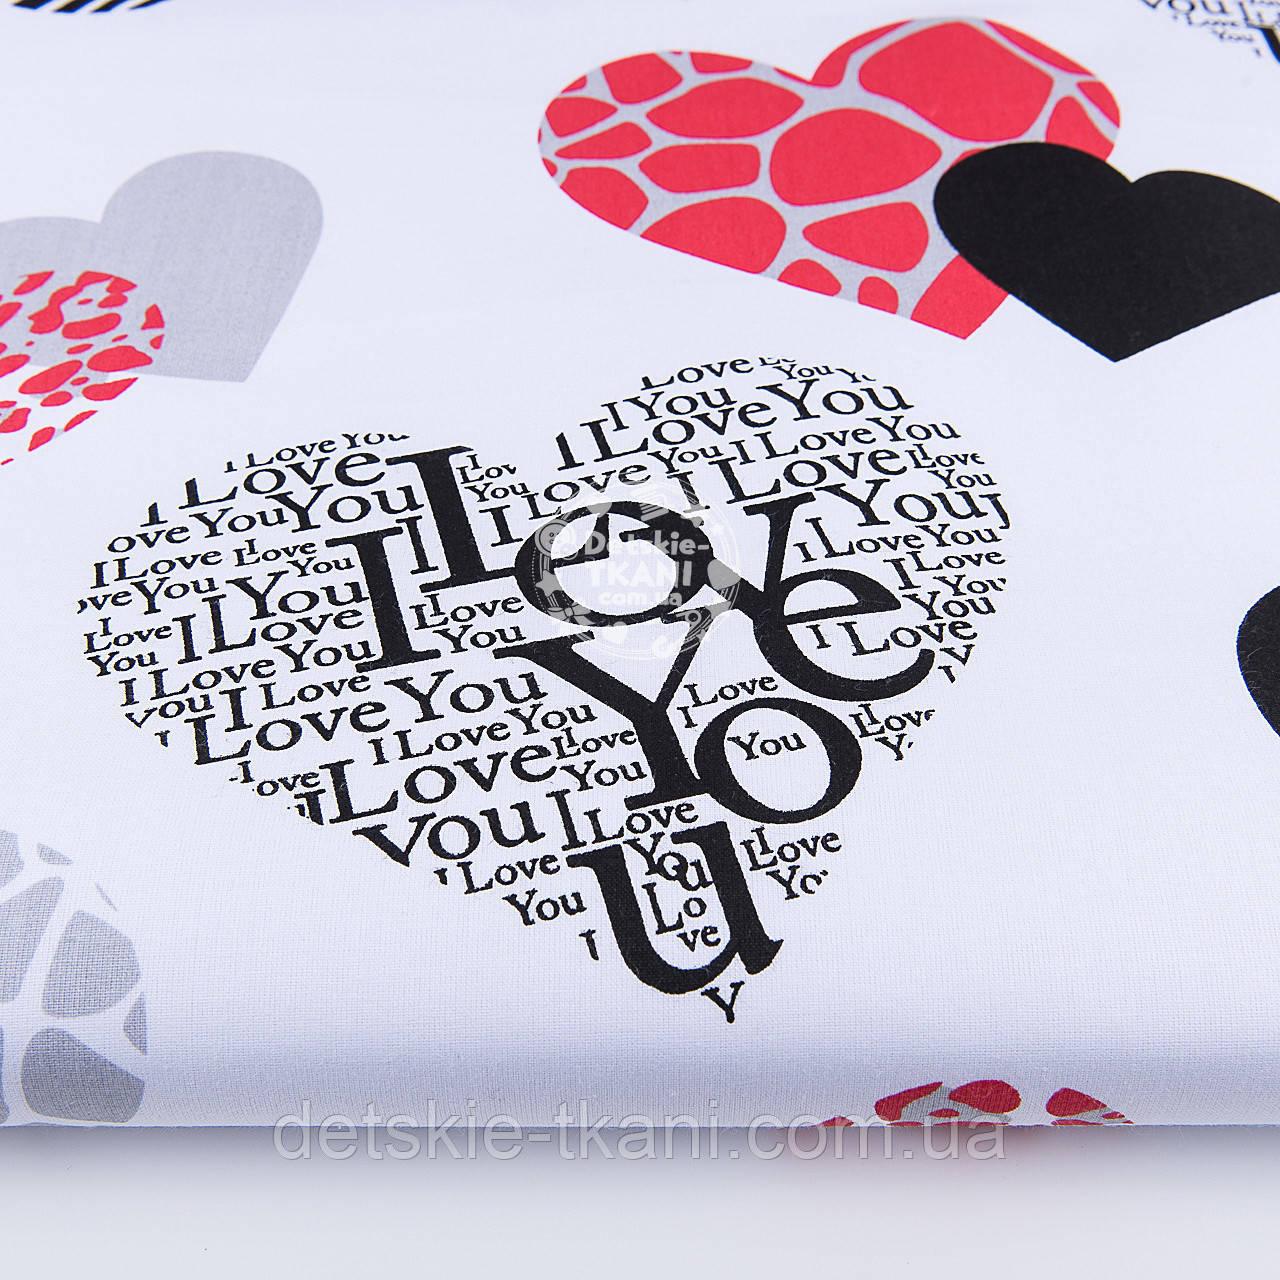 """Лоскут ткани """"Любовь в сердце"""", цвет красный, чёрный, серый на белом фоне, №1164"""